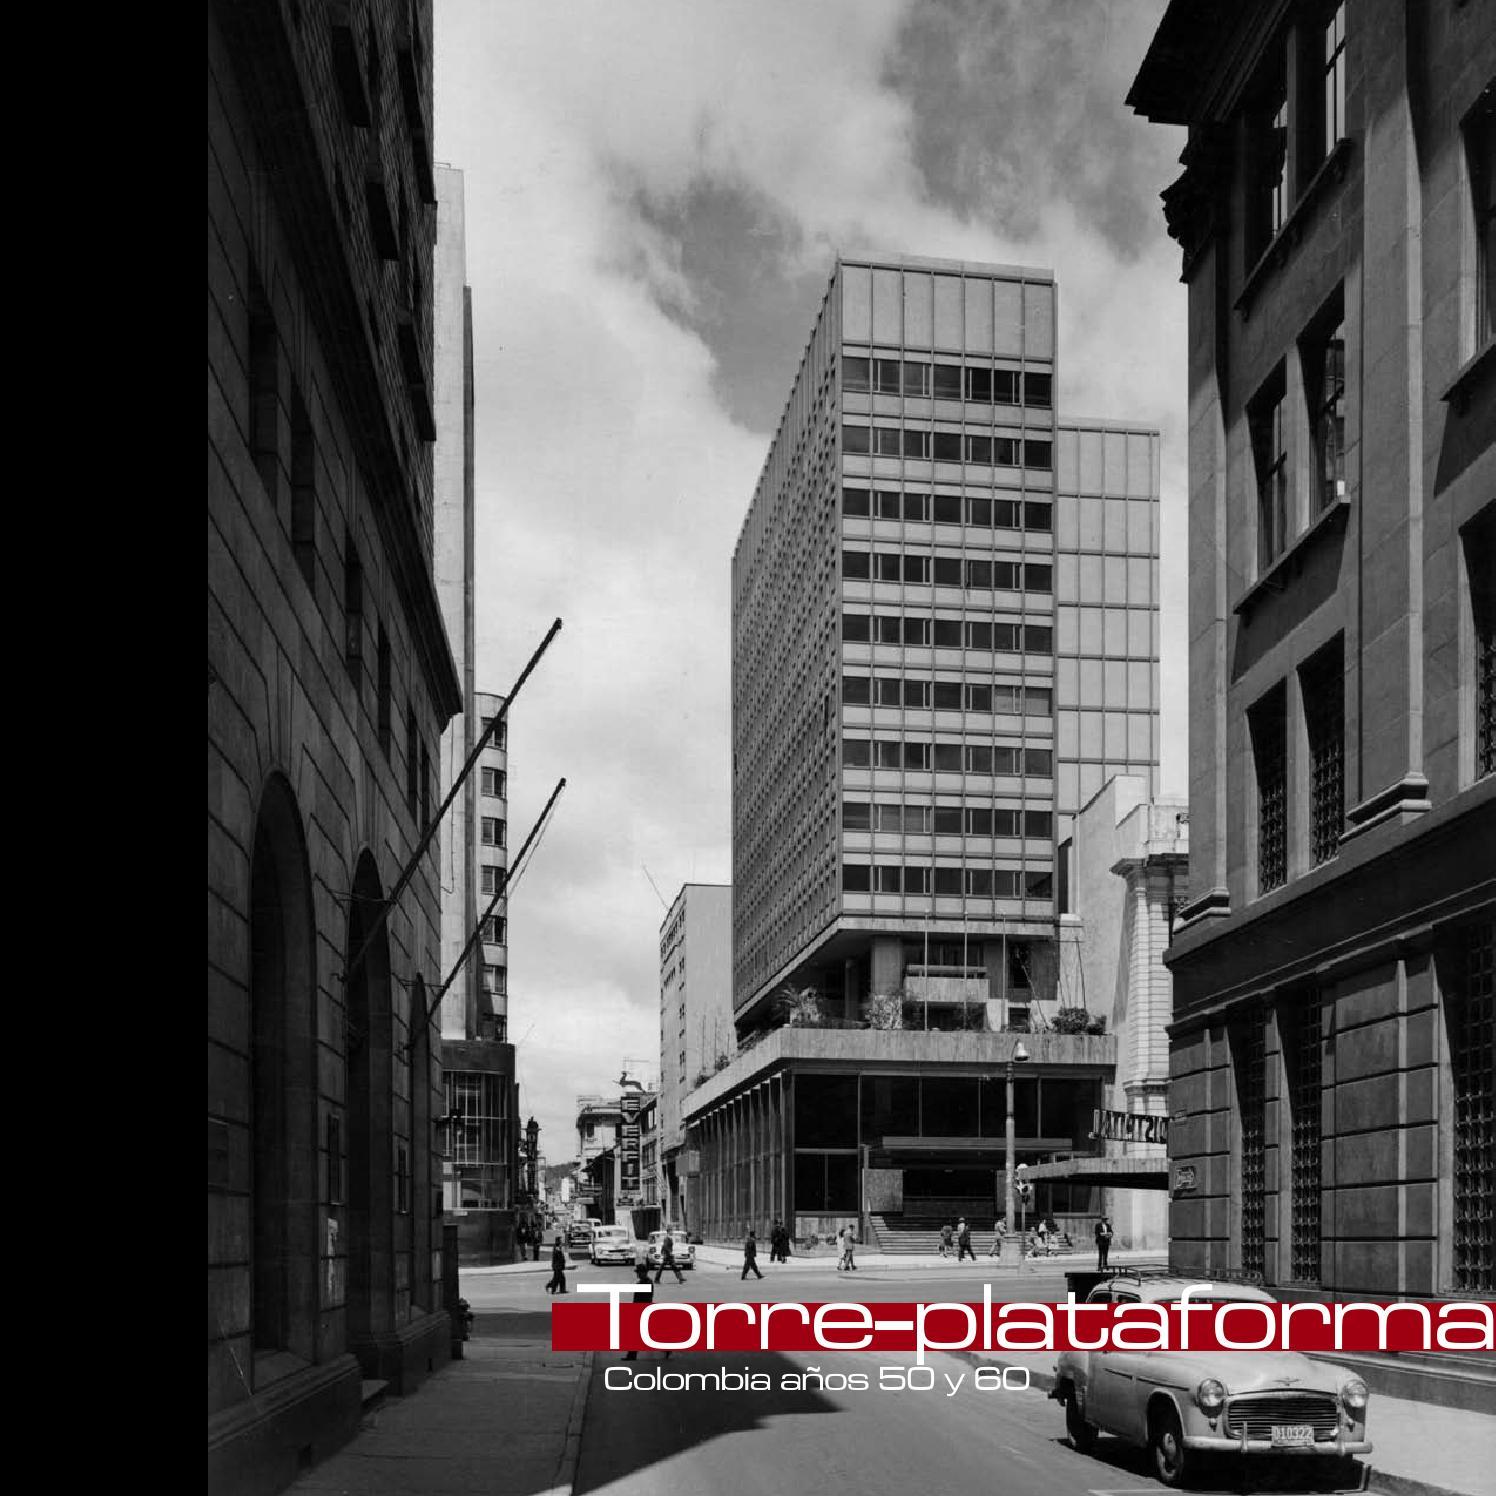 Torre plataforma en colombia aos 50 y 60 by Edison Henao